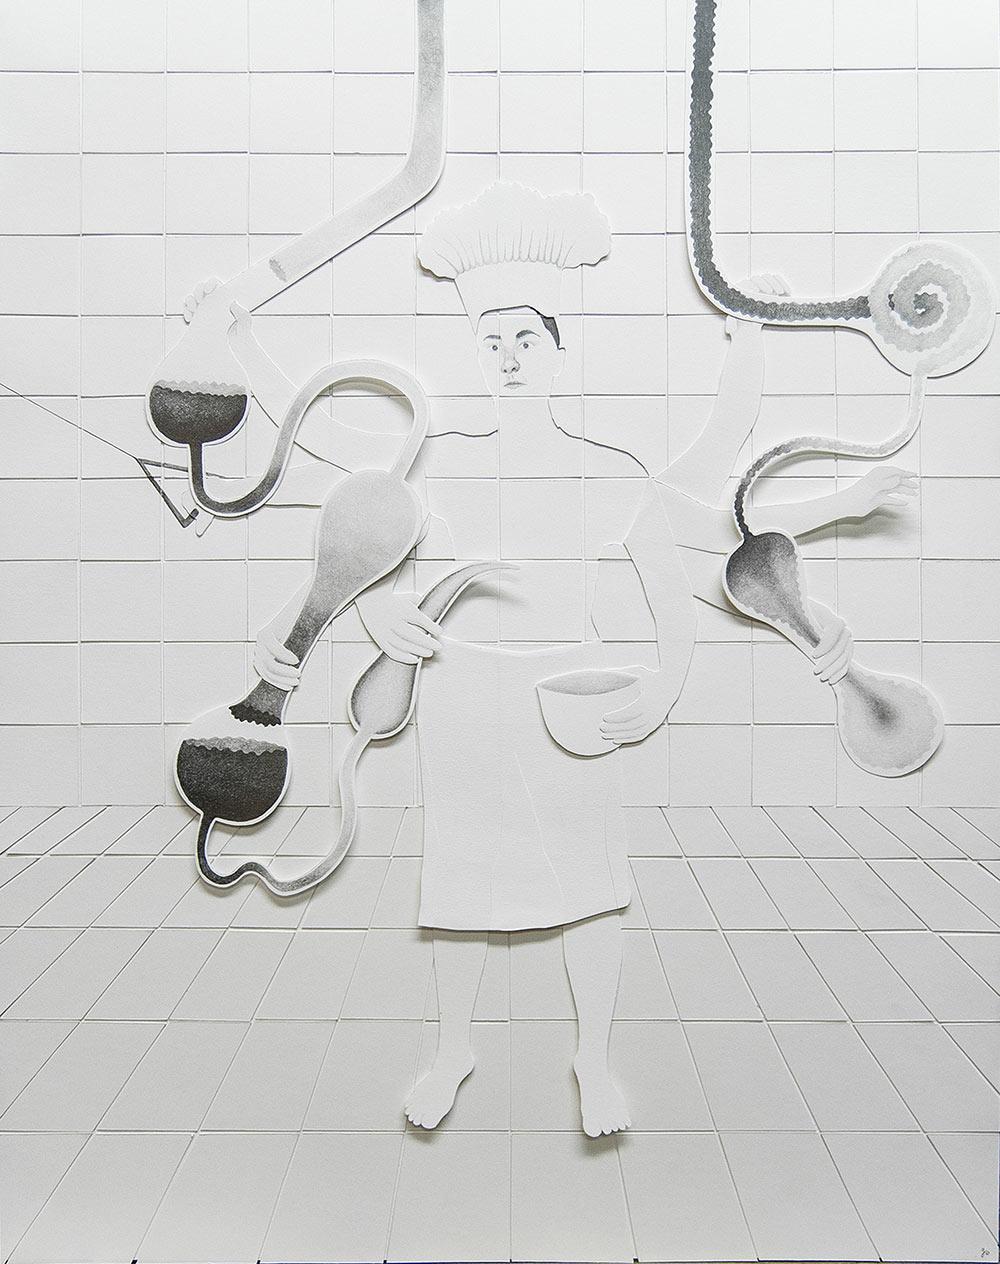 La maga | 2016 | 65x50cm